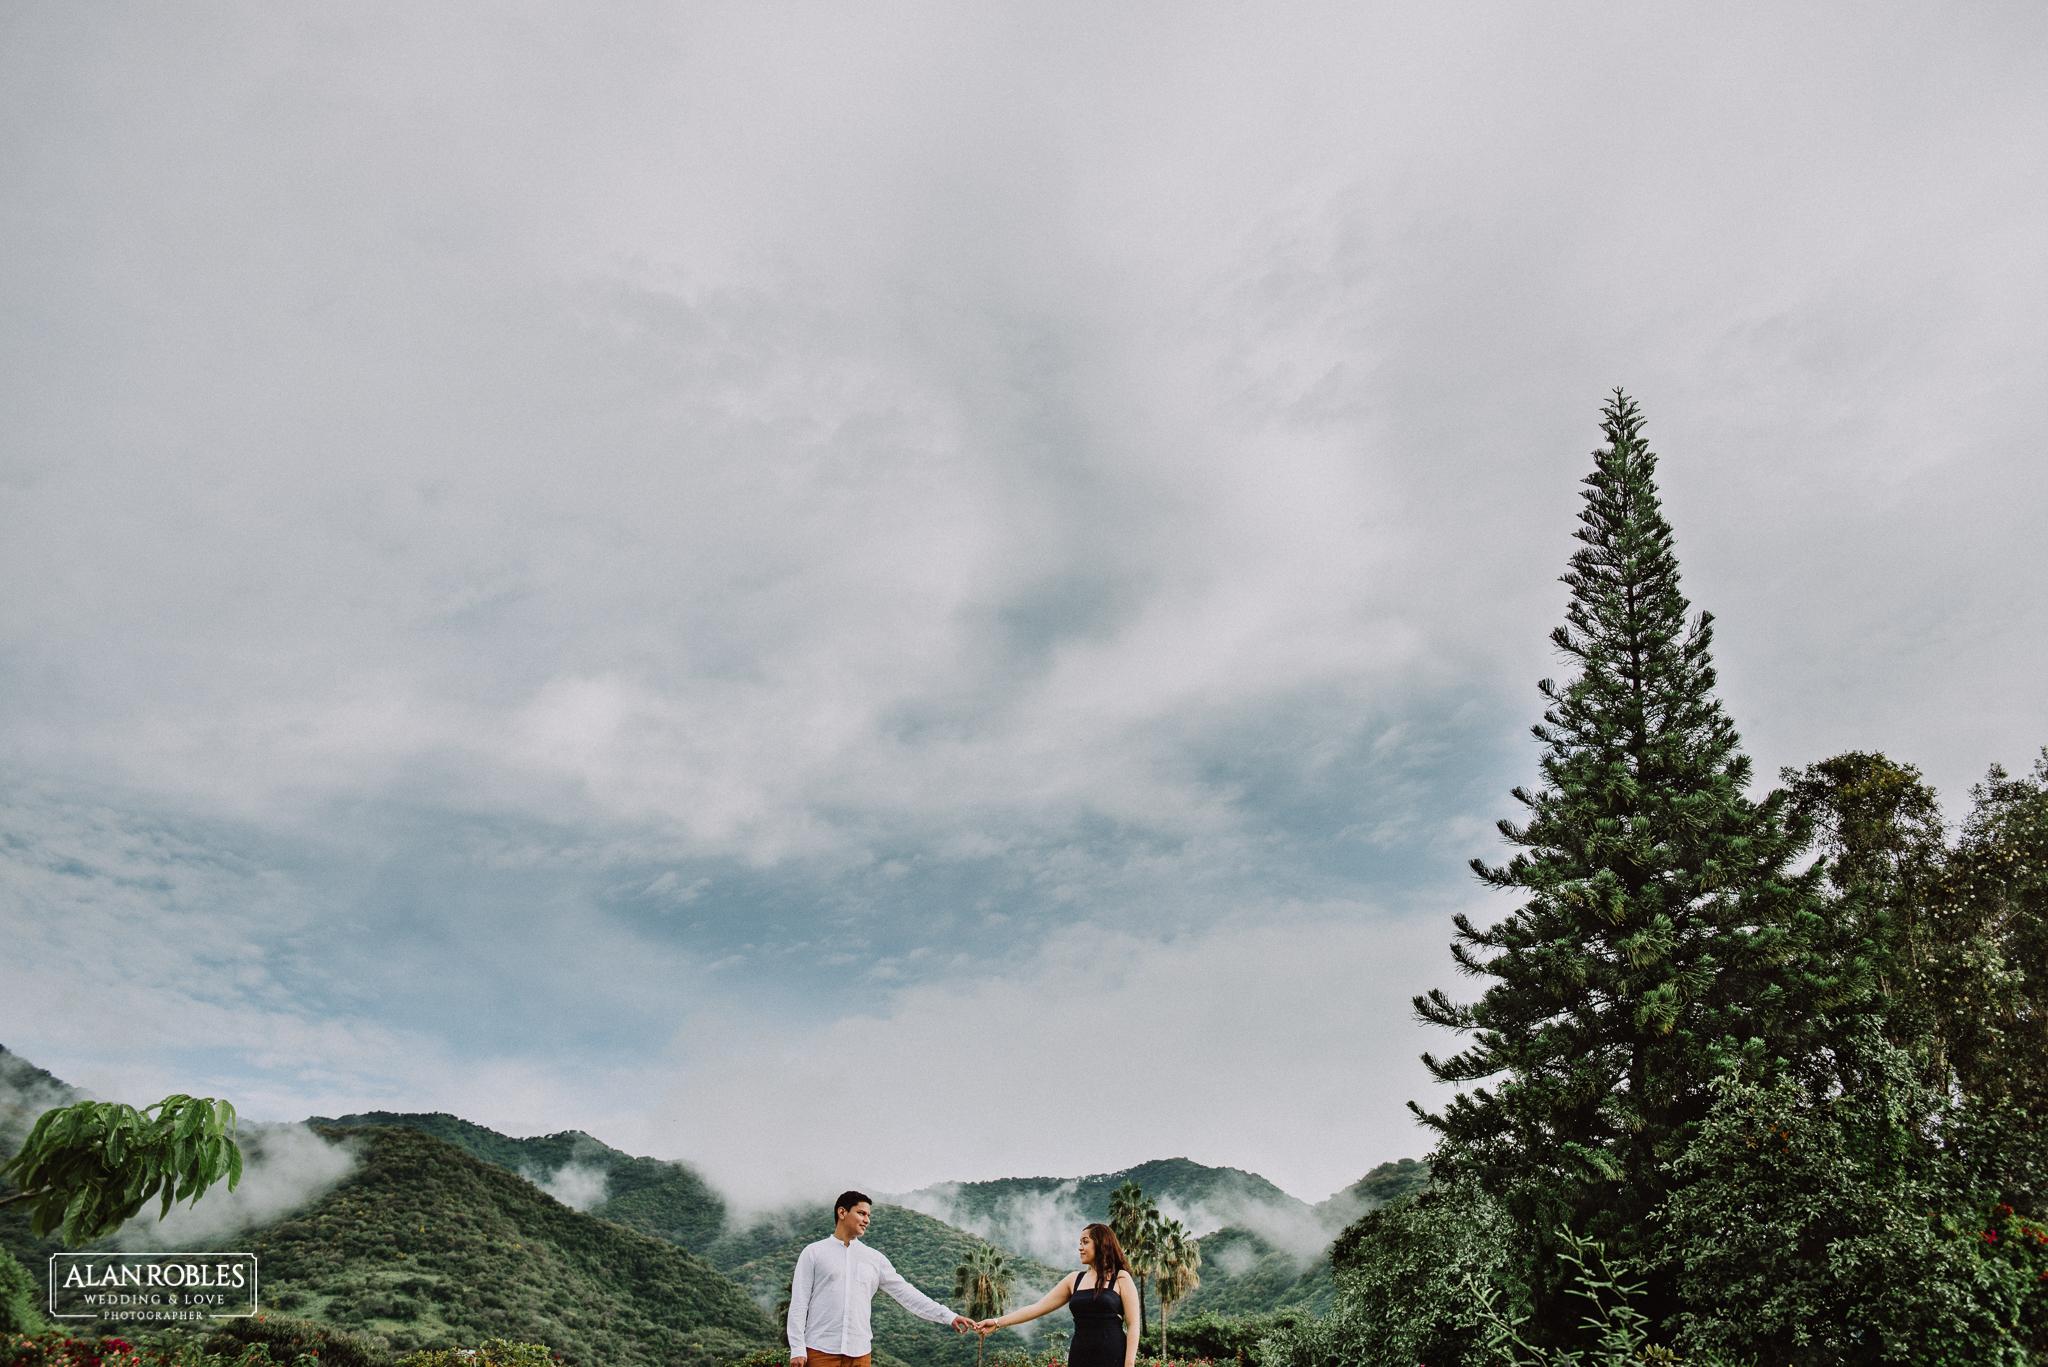 Sesion de fotos Preboda en Laguna de Chapala, Ajijic. Fotografia de bodas - Alan Robles Wedding & Love Photographer. Fotos creativas para boda. Ideas para fotos de boda. El mejor fotografo de bodas en Guadalajara. Love Session y One day of love. Las mejores fotos de amor, boda y preboda.